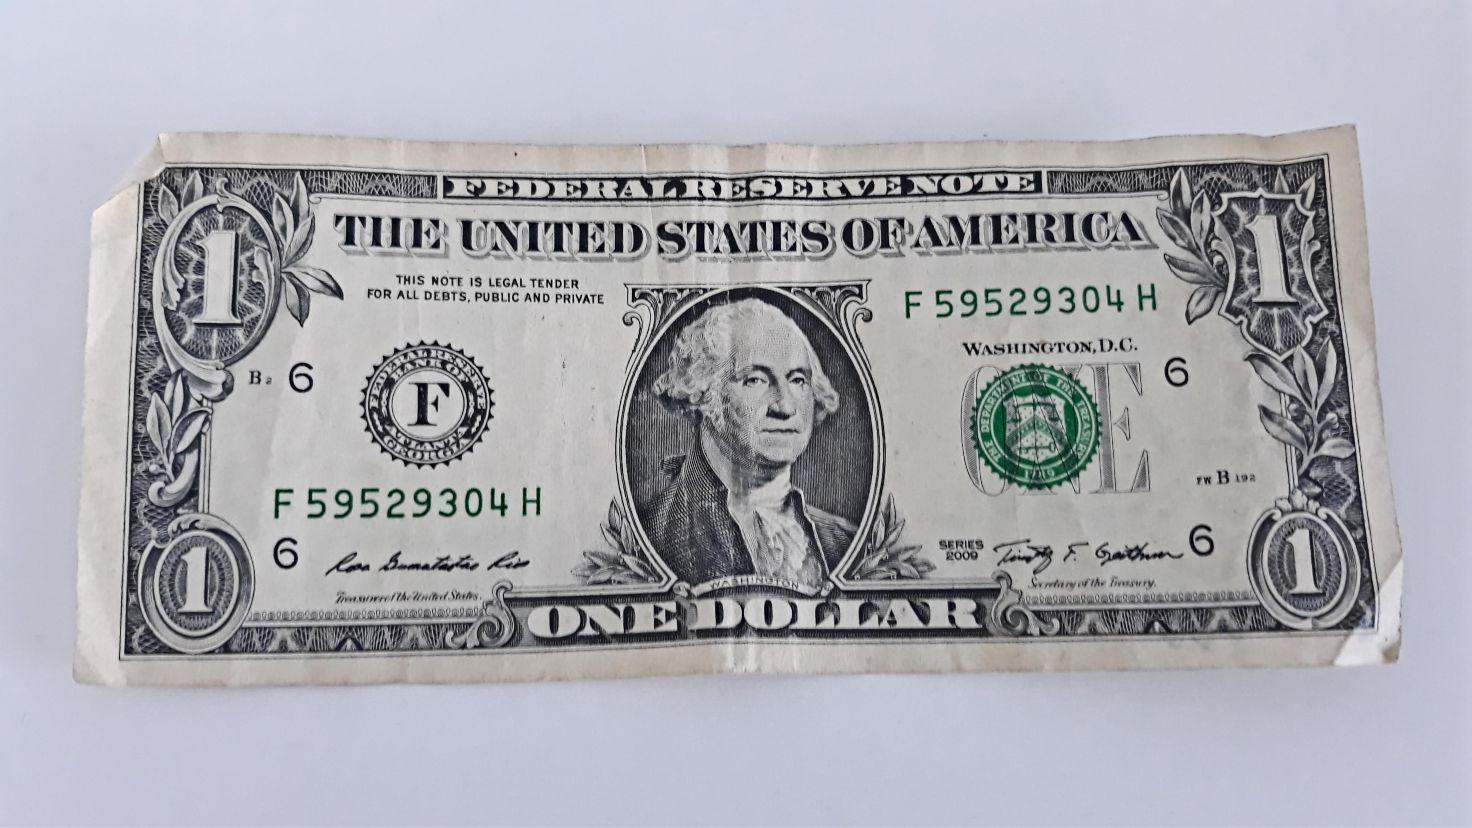 Moja inspiracja, czyli 1 dolar napiwku otrzymany lata temu w restauracji